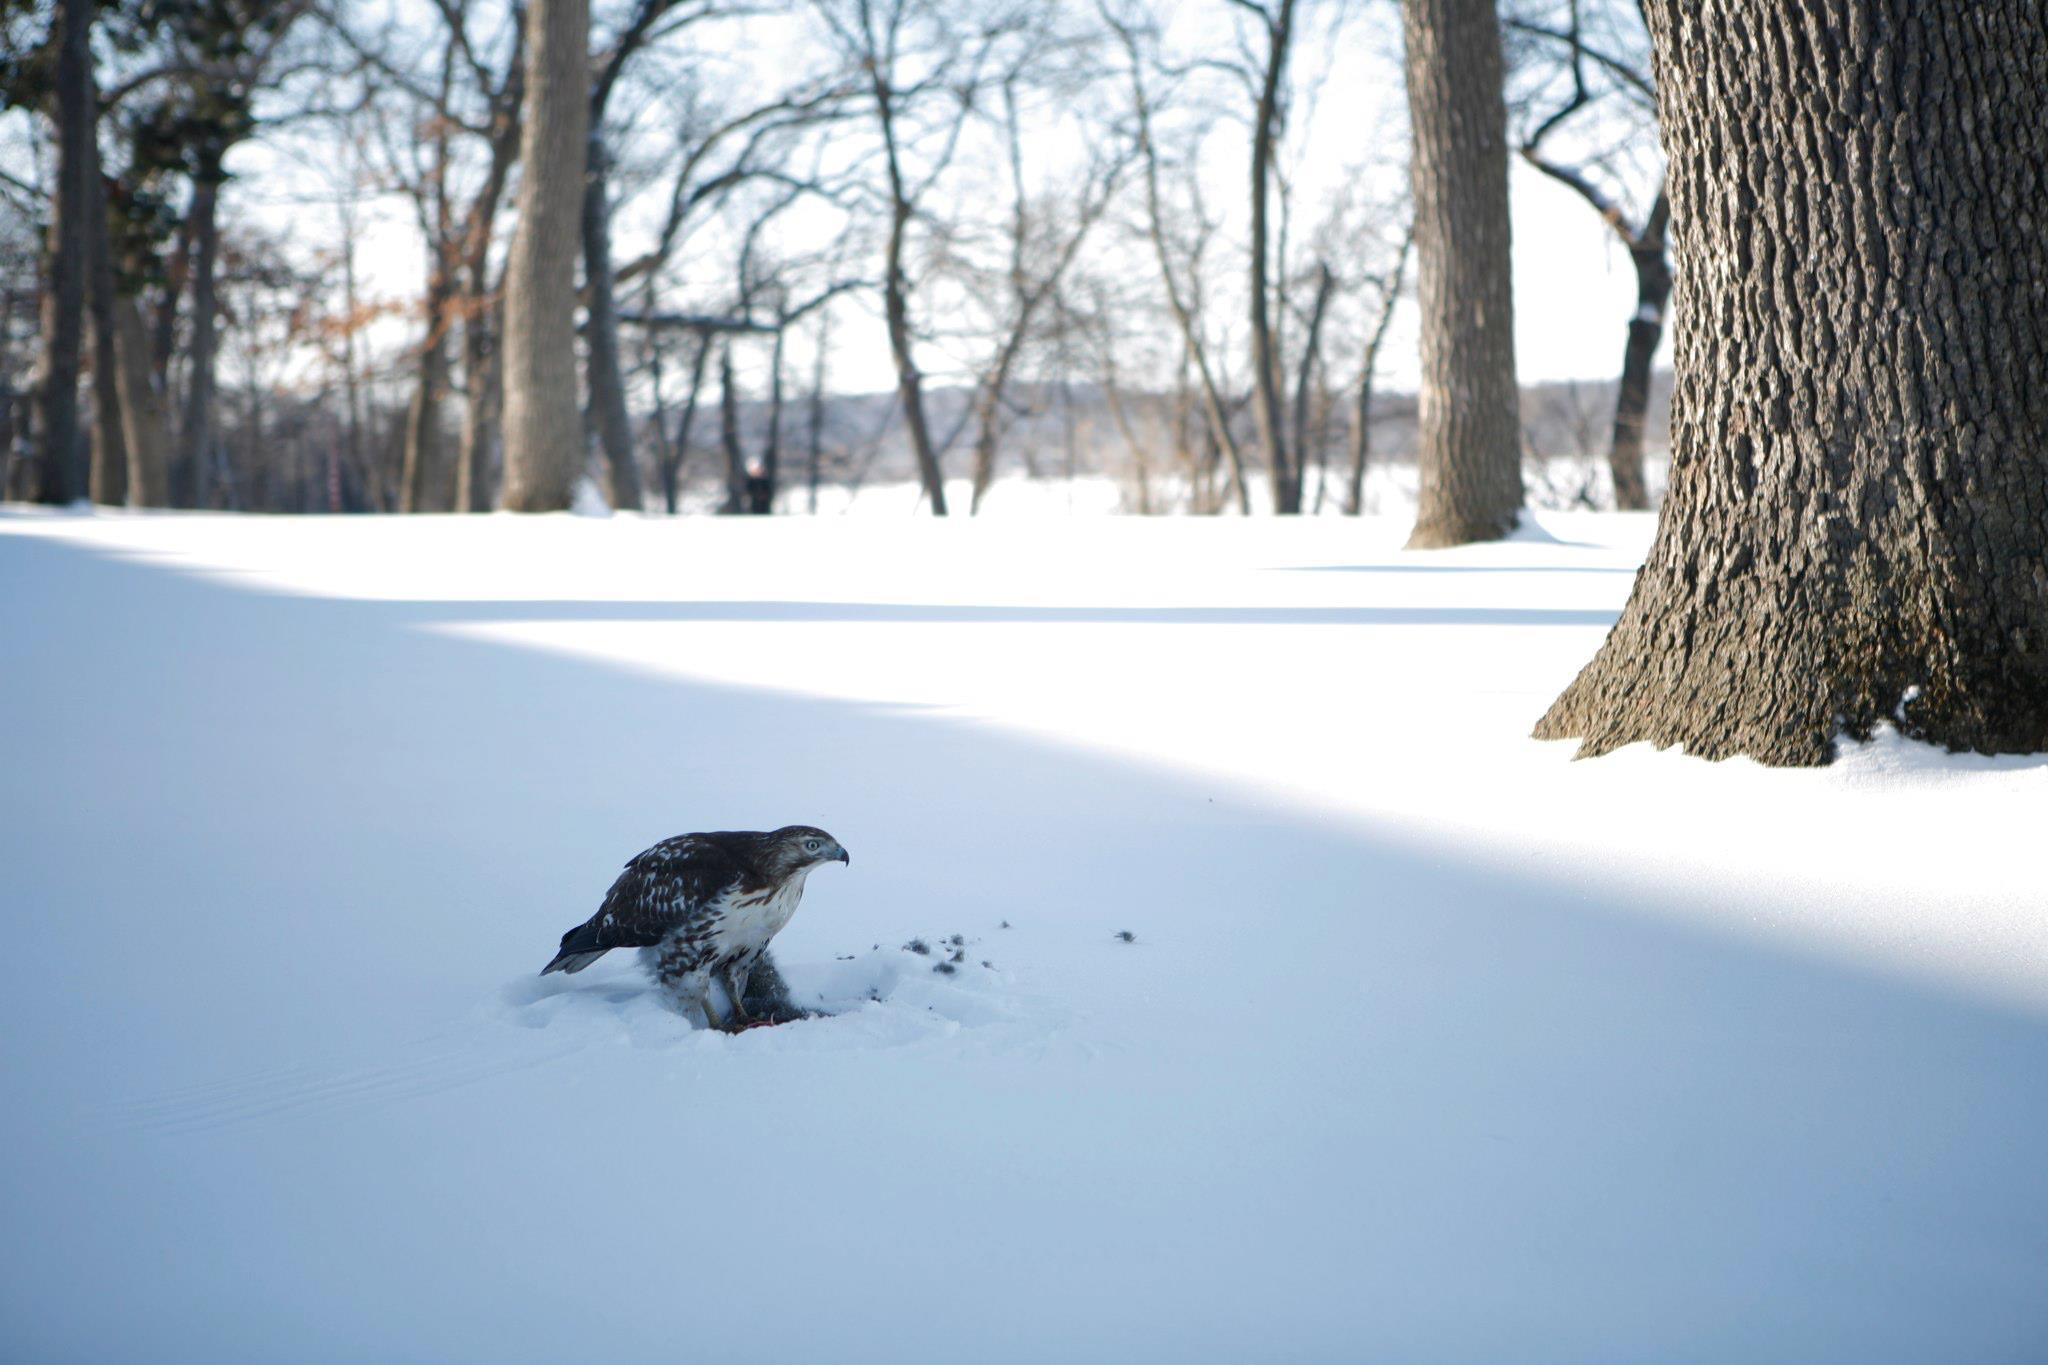 Hawk Eating Squirrel